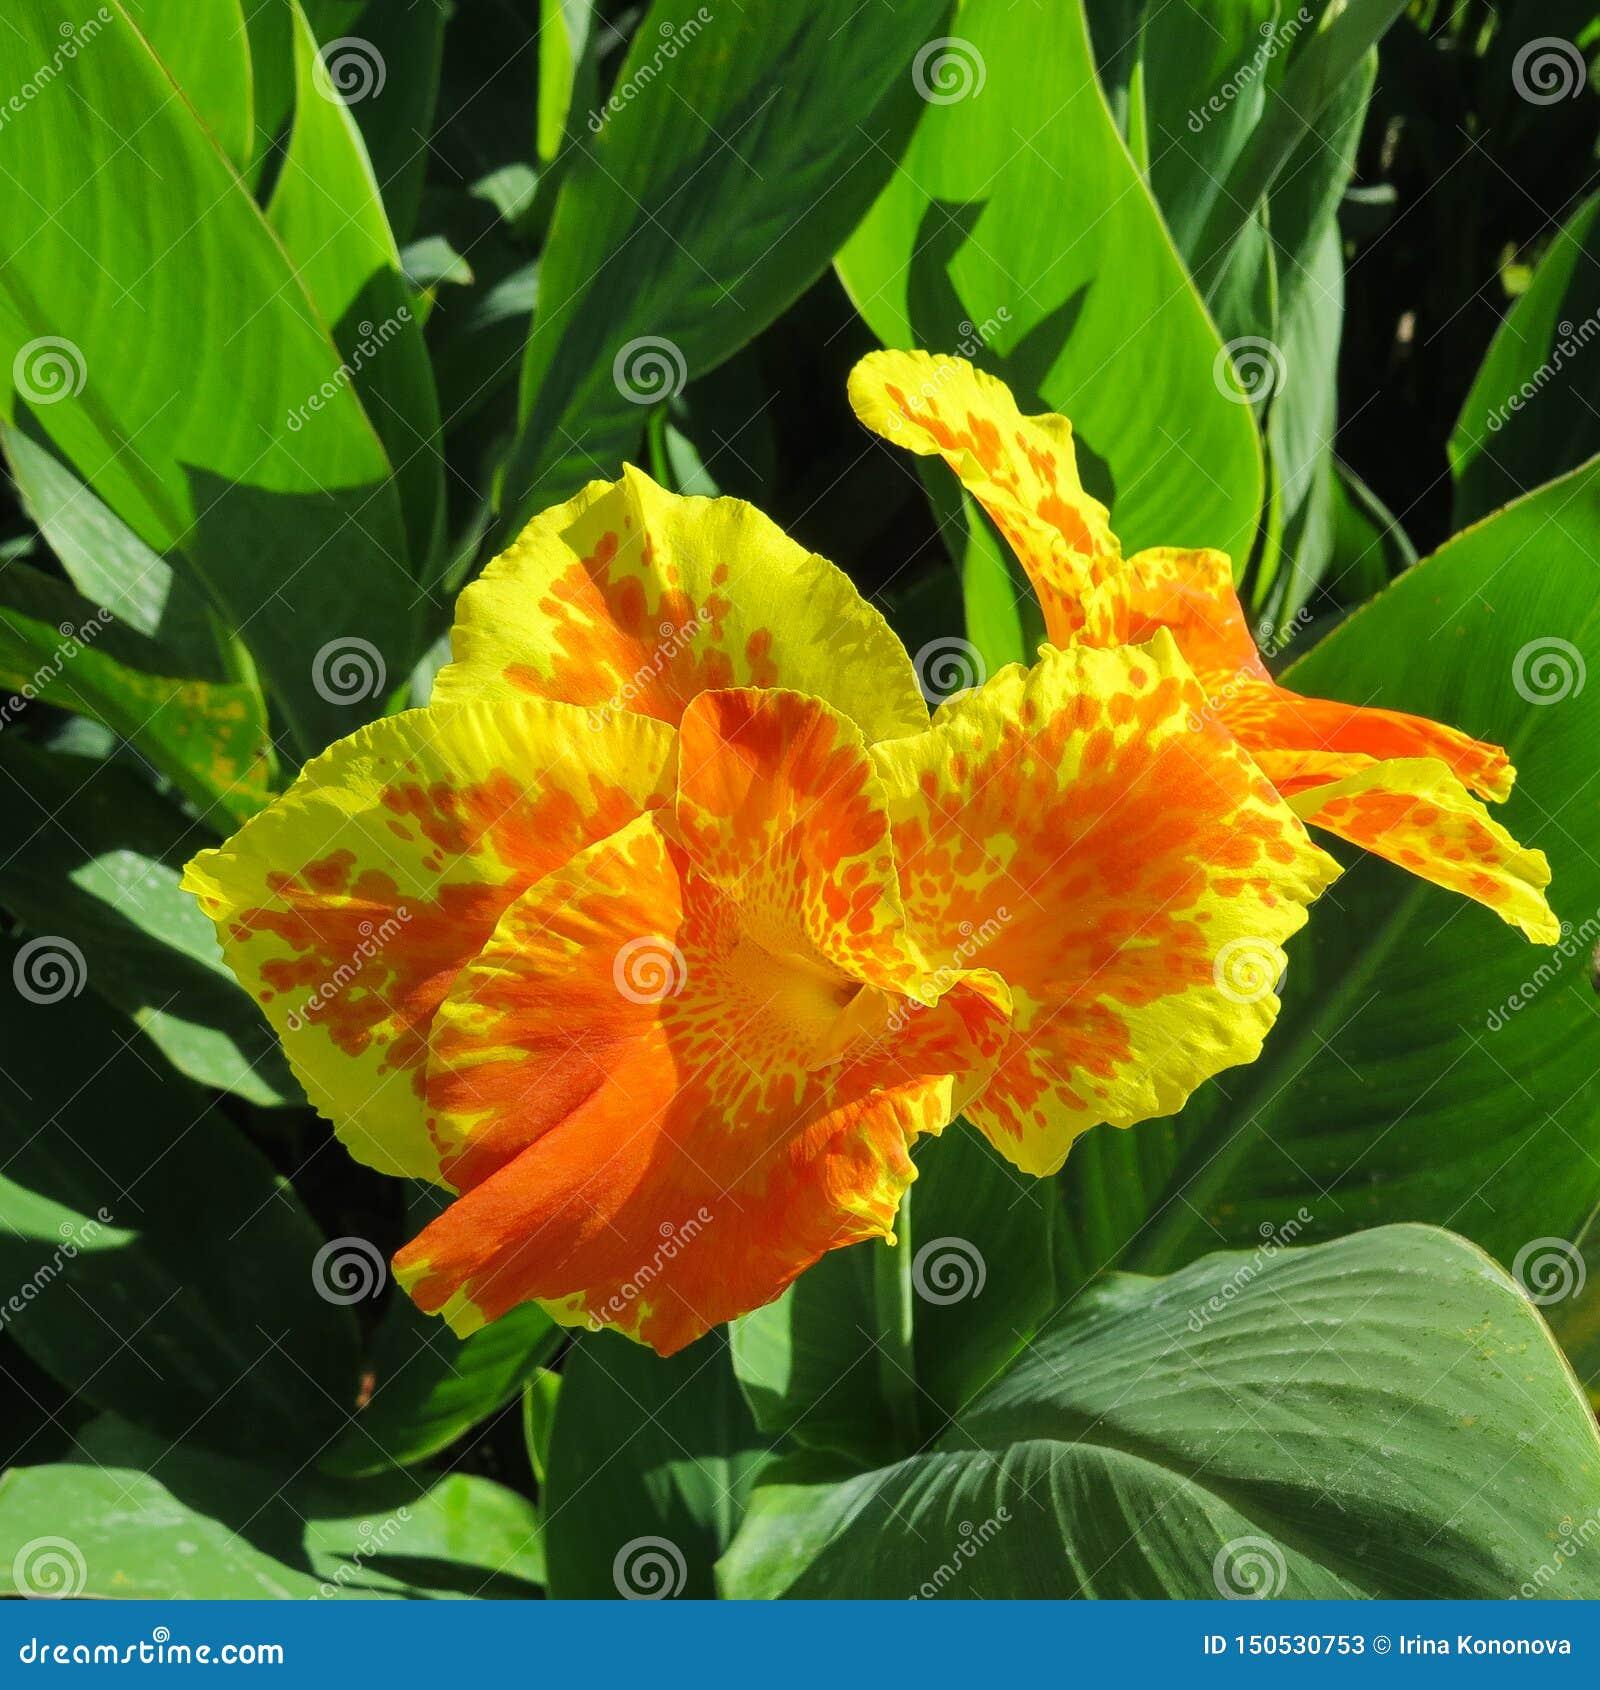 有黄色瓣和红色斑点的花坎纳黄色国王亨伯特在他们以绿色叶子为背景